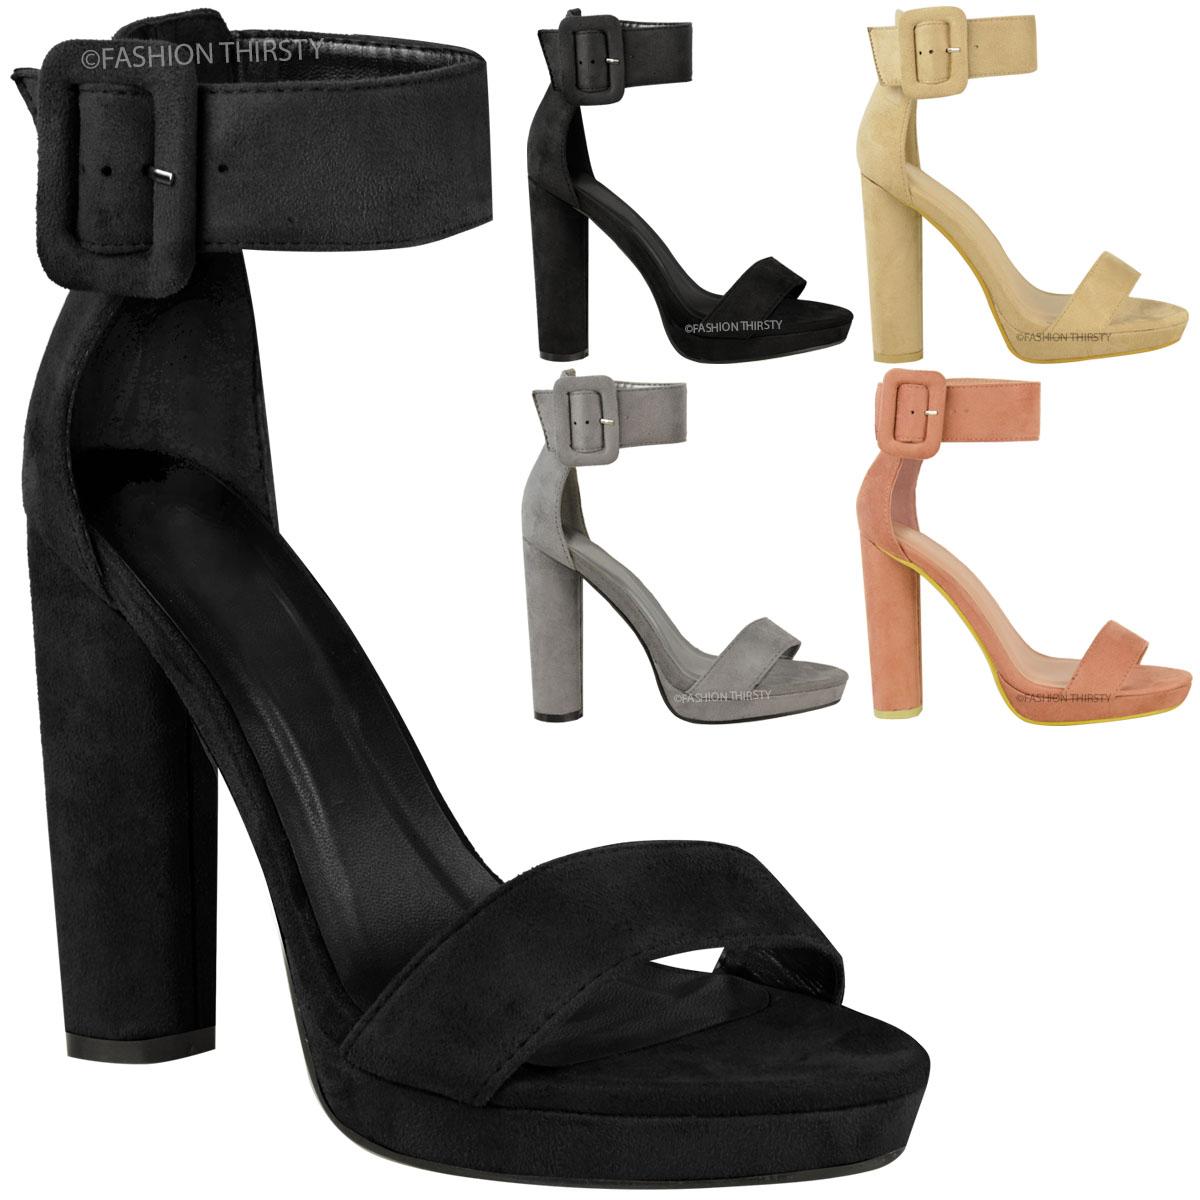 LicoTreasure - Zapatillas Mujer, Color Dorado, Talla 35